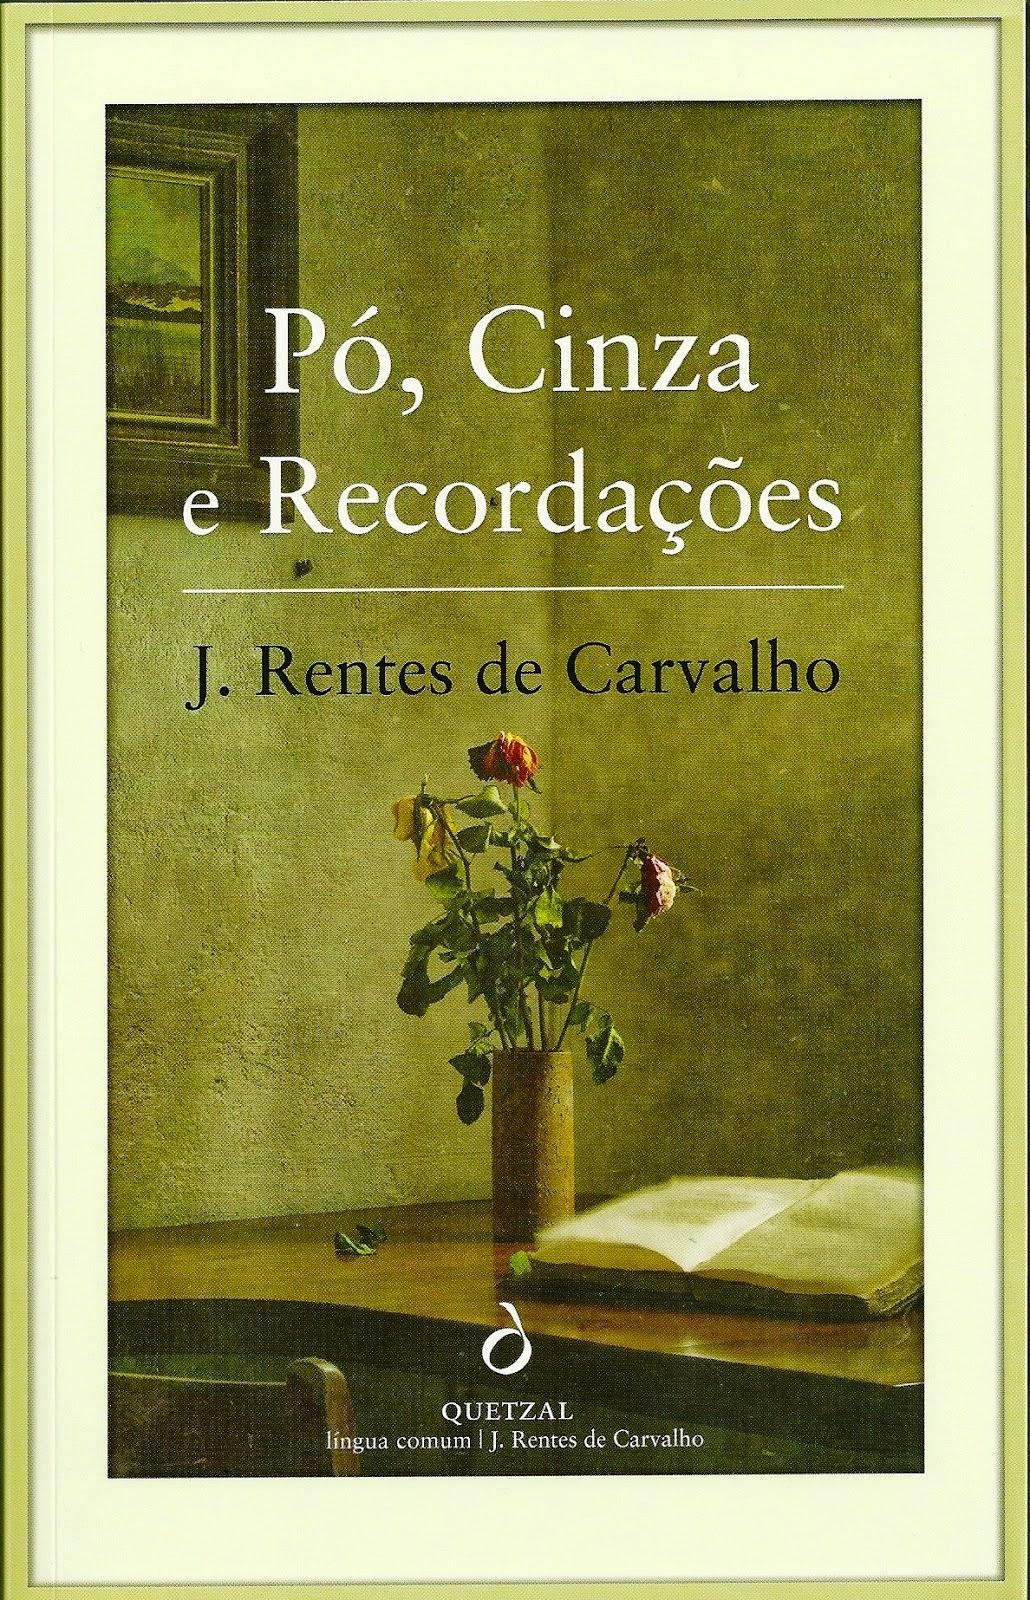 Pó Cinza e Recordações de José Rentes de Carvalho